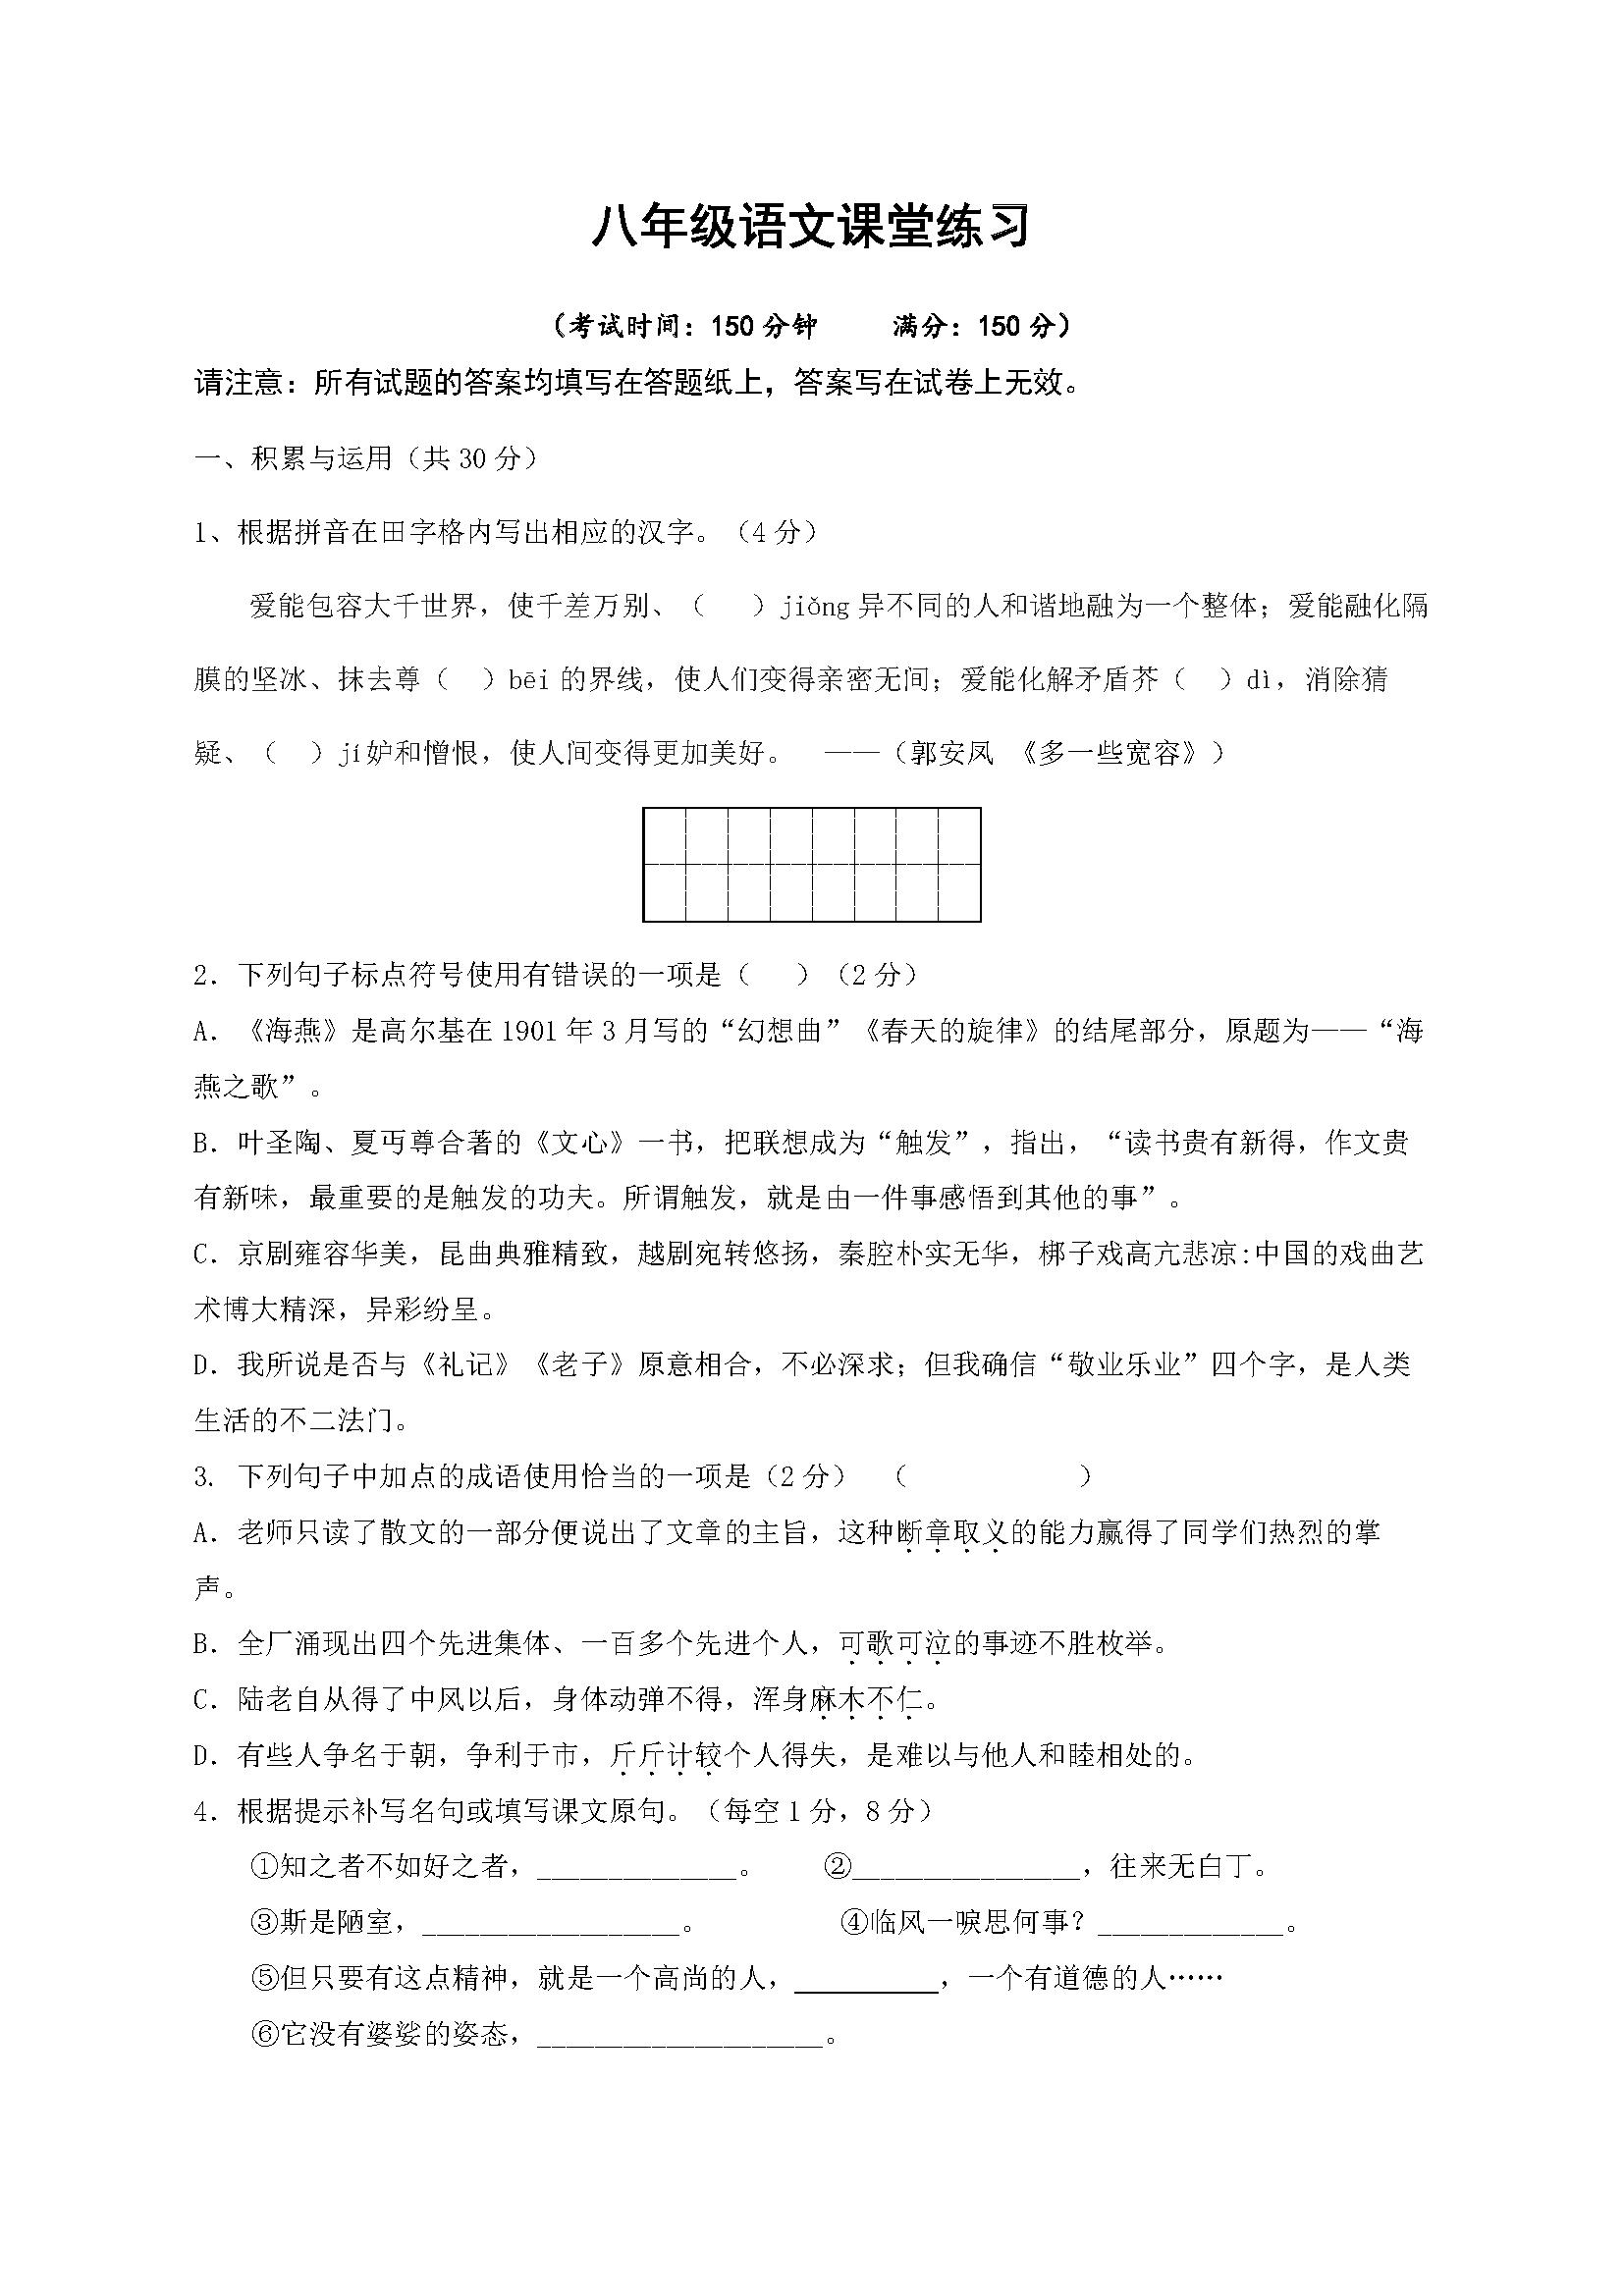 2017江苏靖江实验学校八年级3月课堂练习语文试题(图片版)